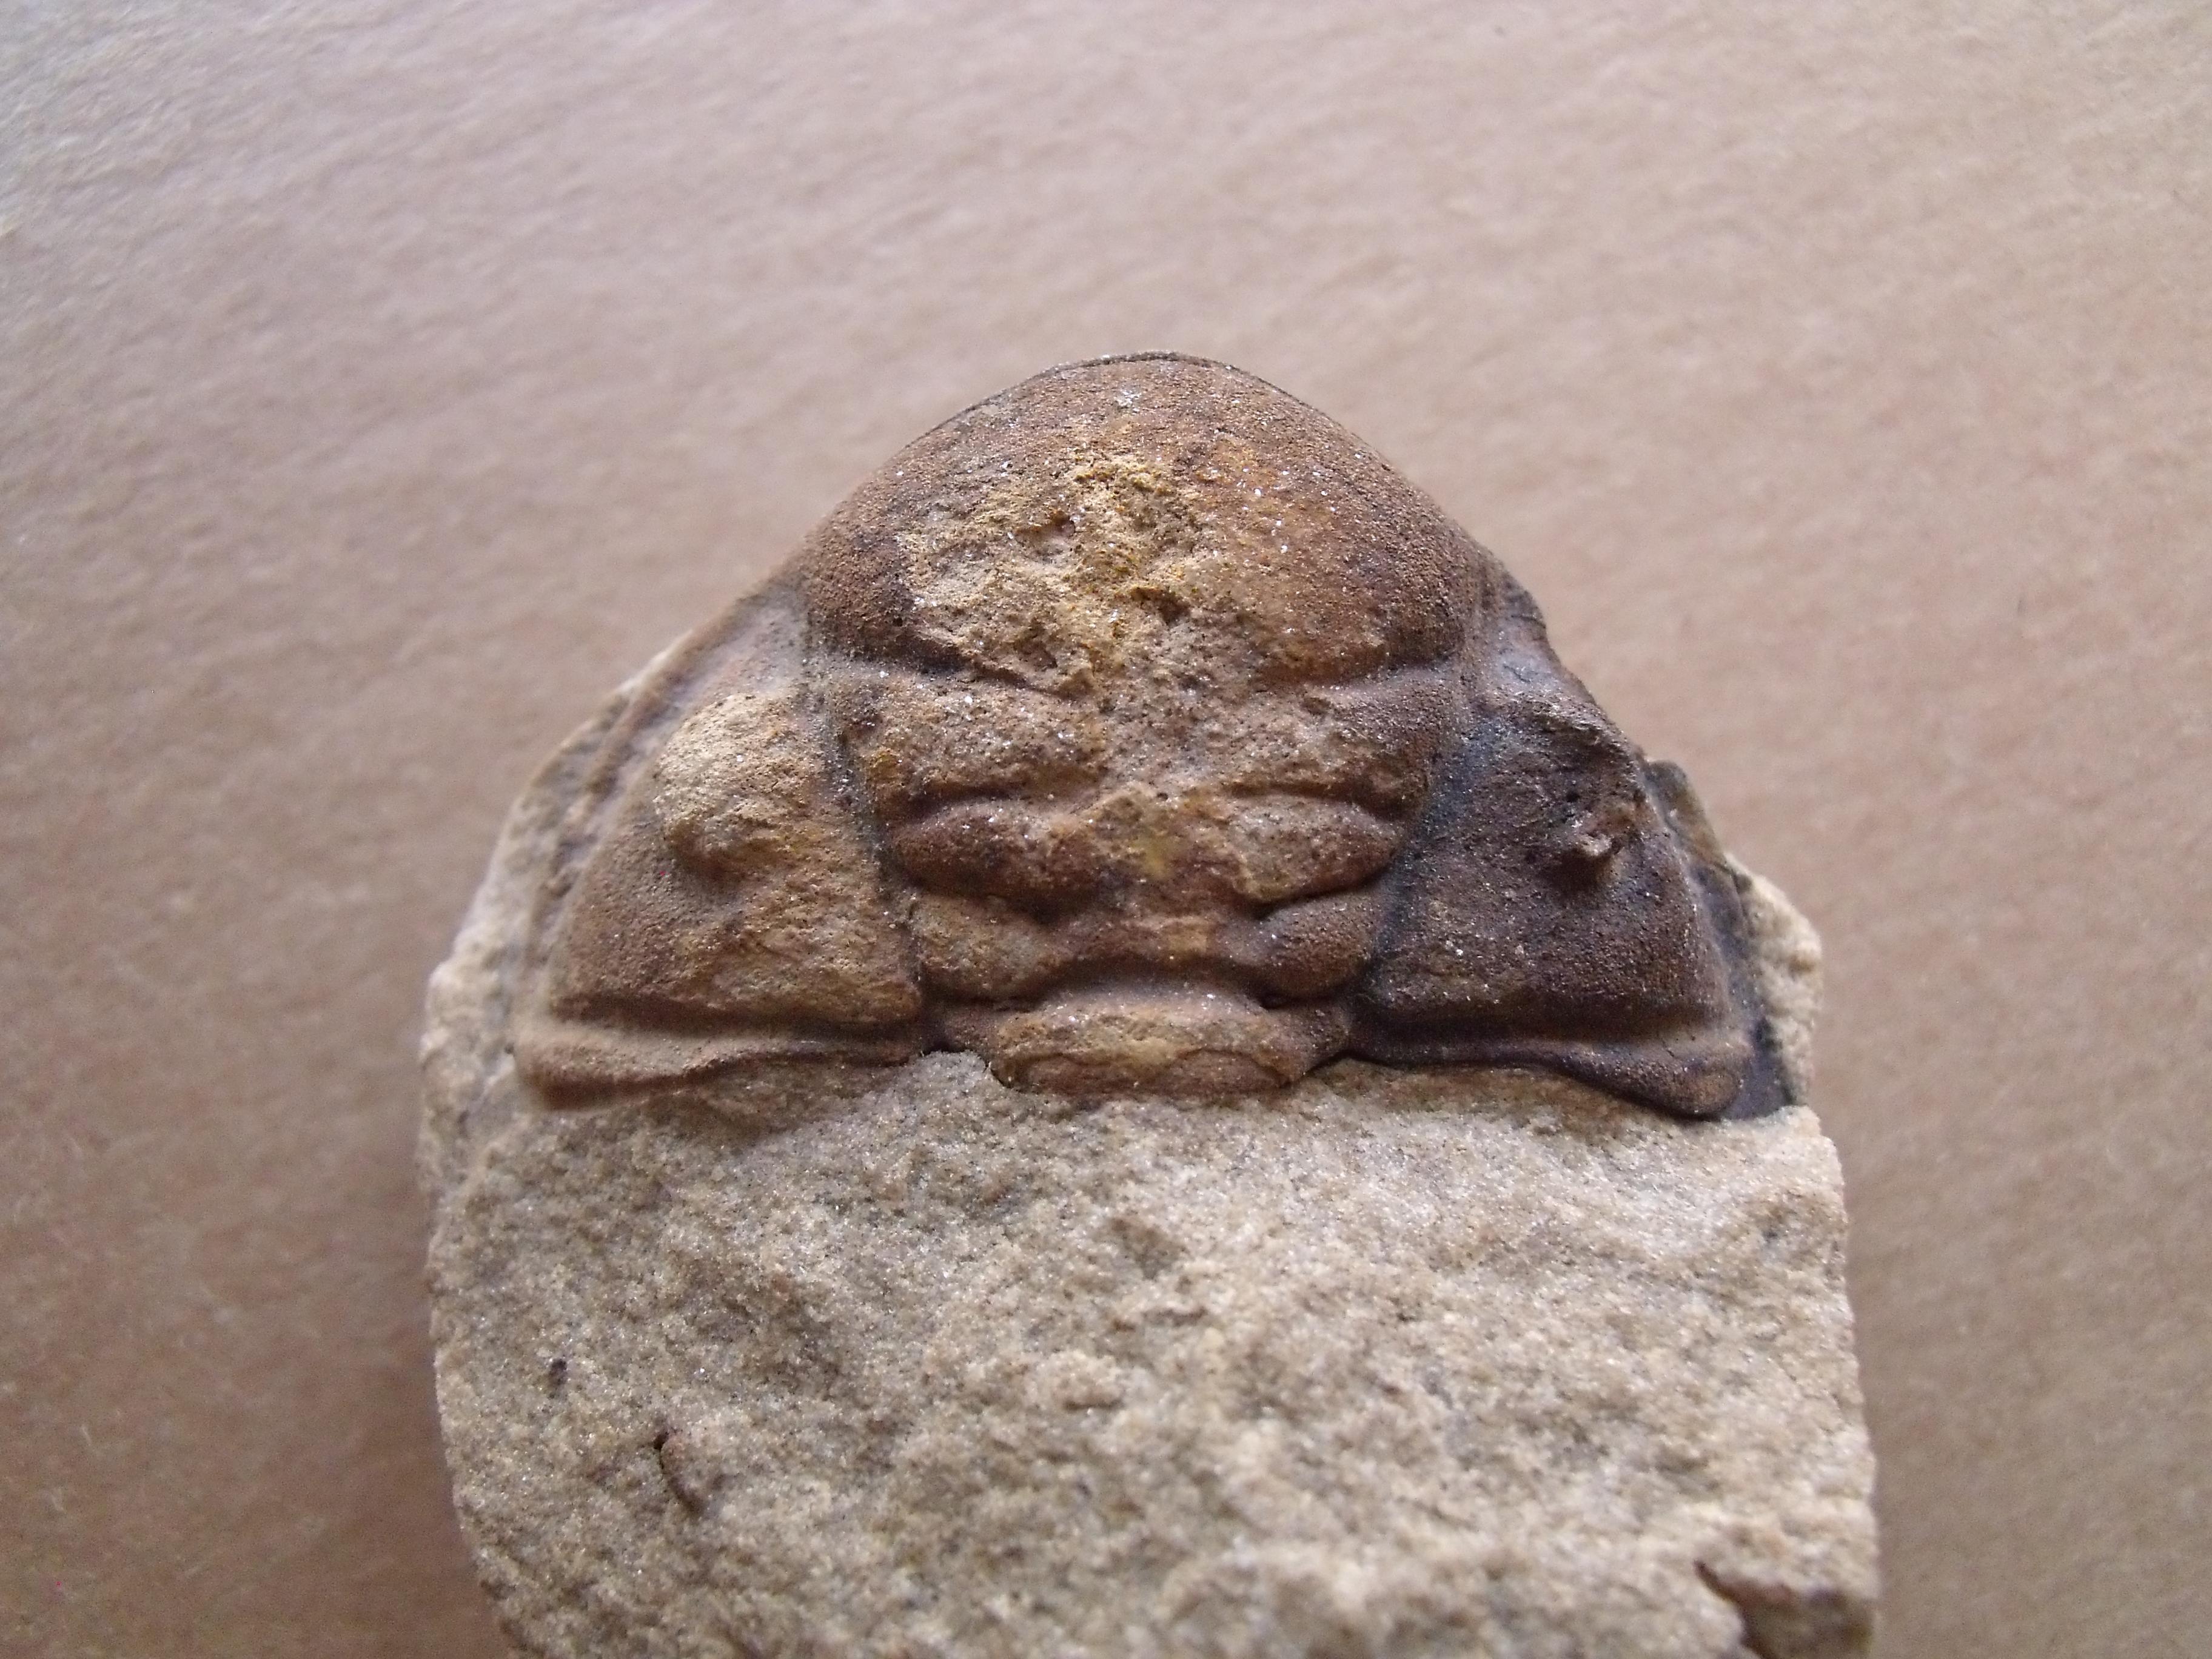 hlava trilobita Dalmanitina socialis, (lok.Beroun)